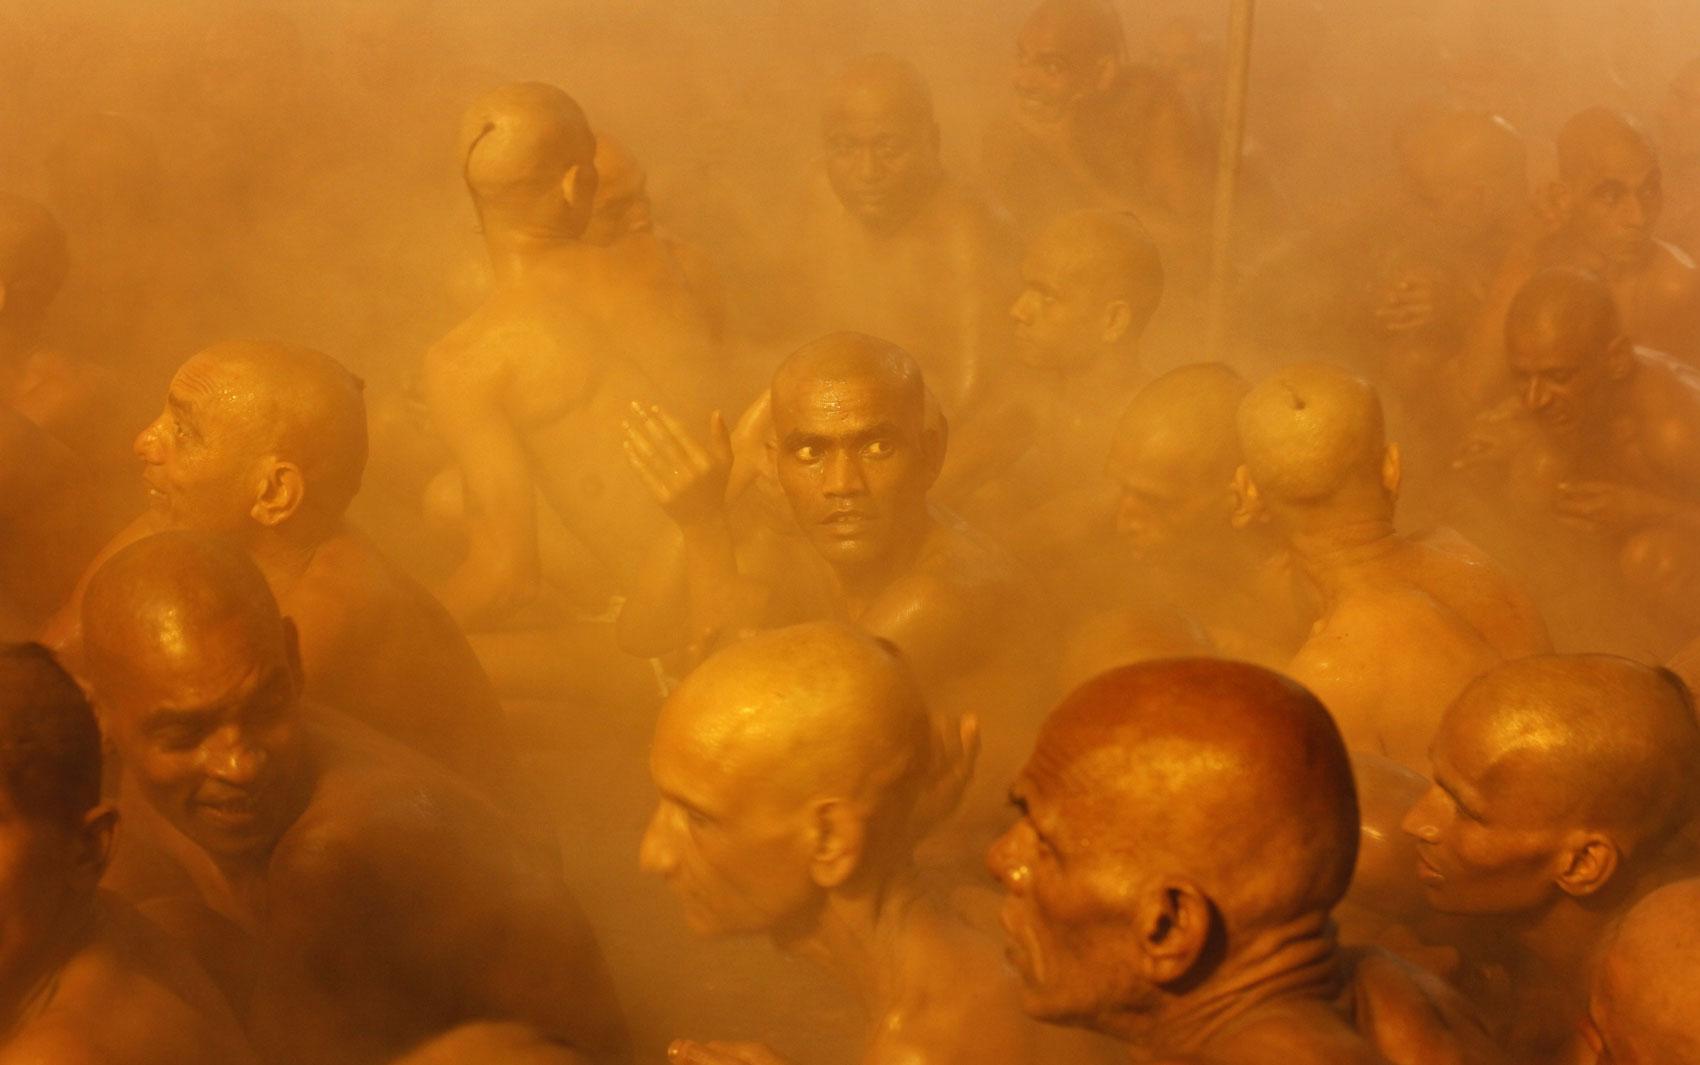 Hindus da seita Juna Akhara participam de ritual de banho sagrado na confluência dos rios Yamuna e Ganges, durante o festival Kumbh Mela em Allahabad, Índia. No ritual, realizado uma vez a cada 3 anos, sadhus ganham status de naga, ou 'homens bons nus'.